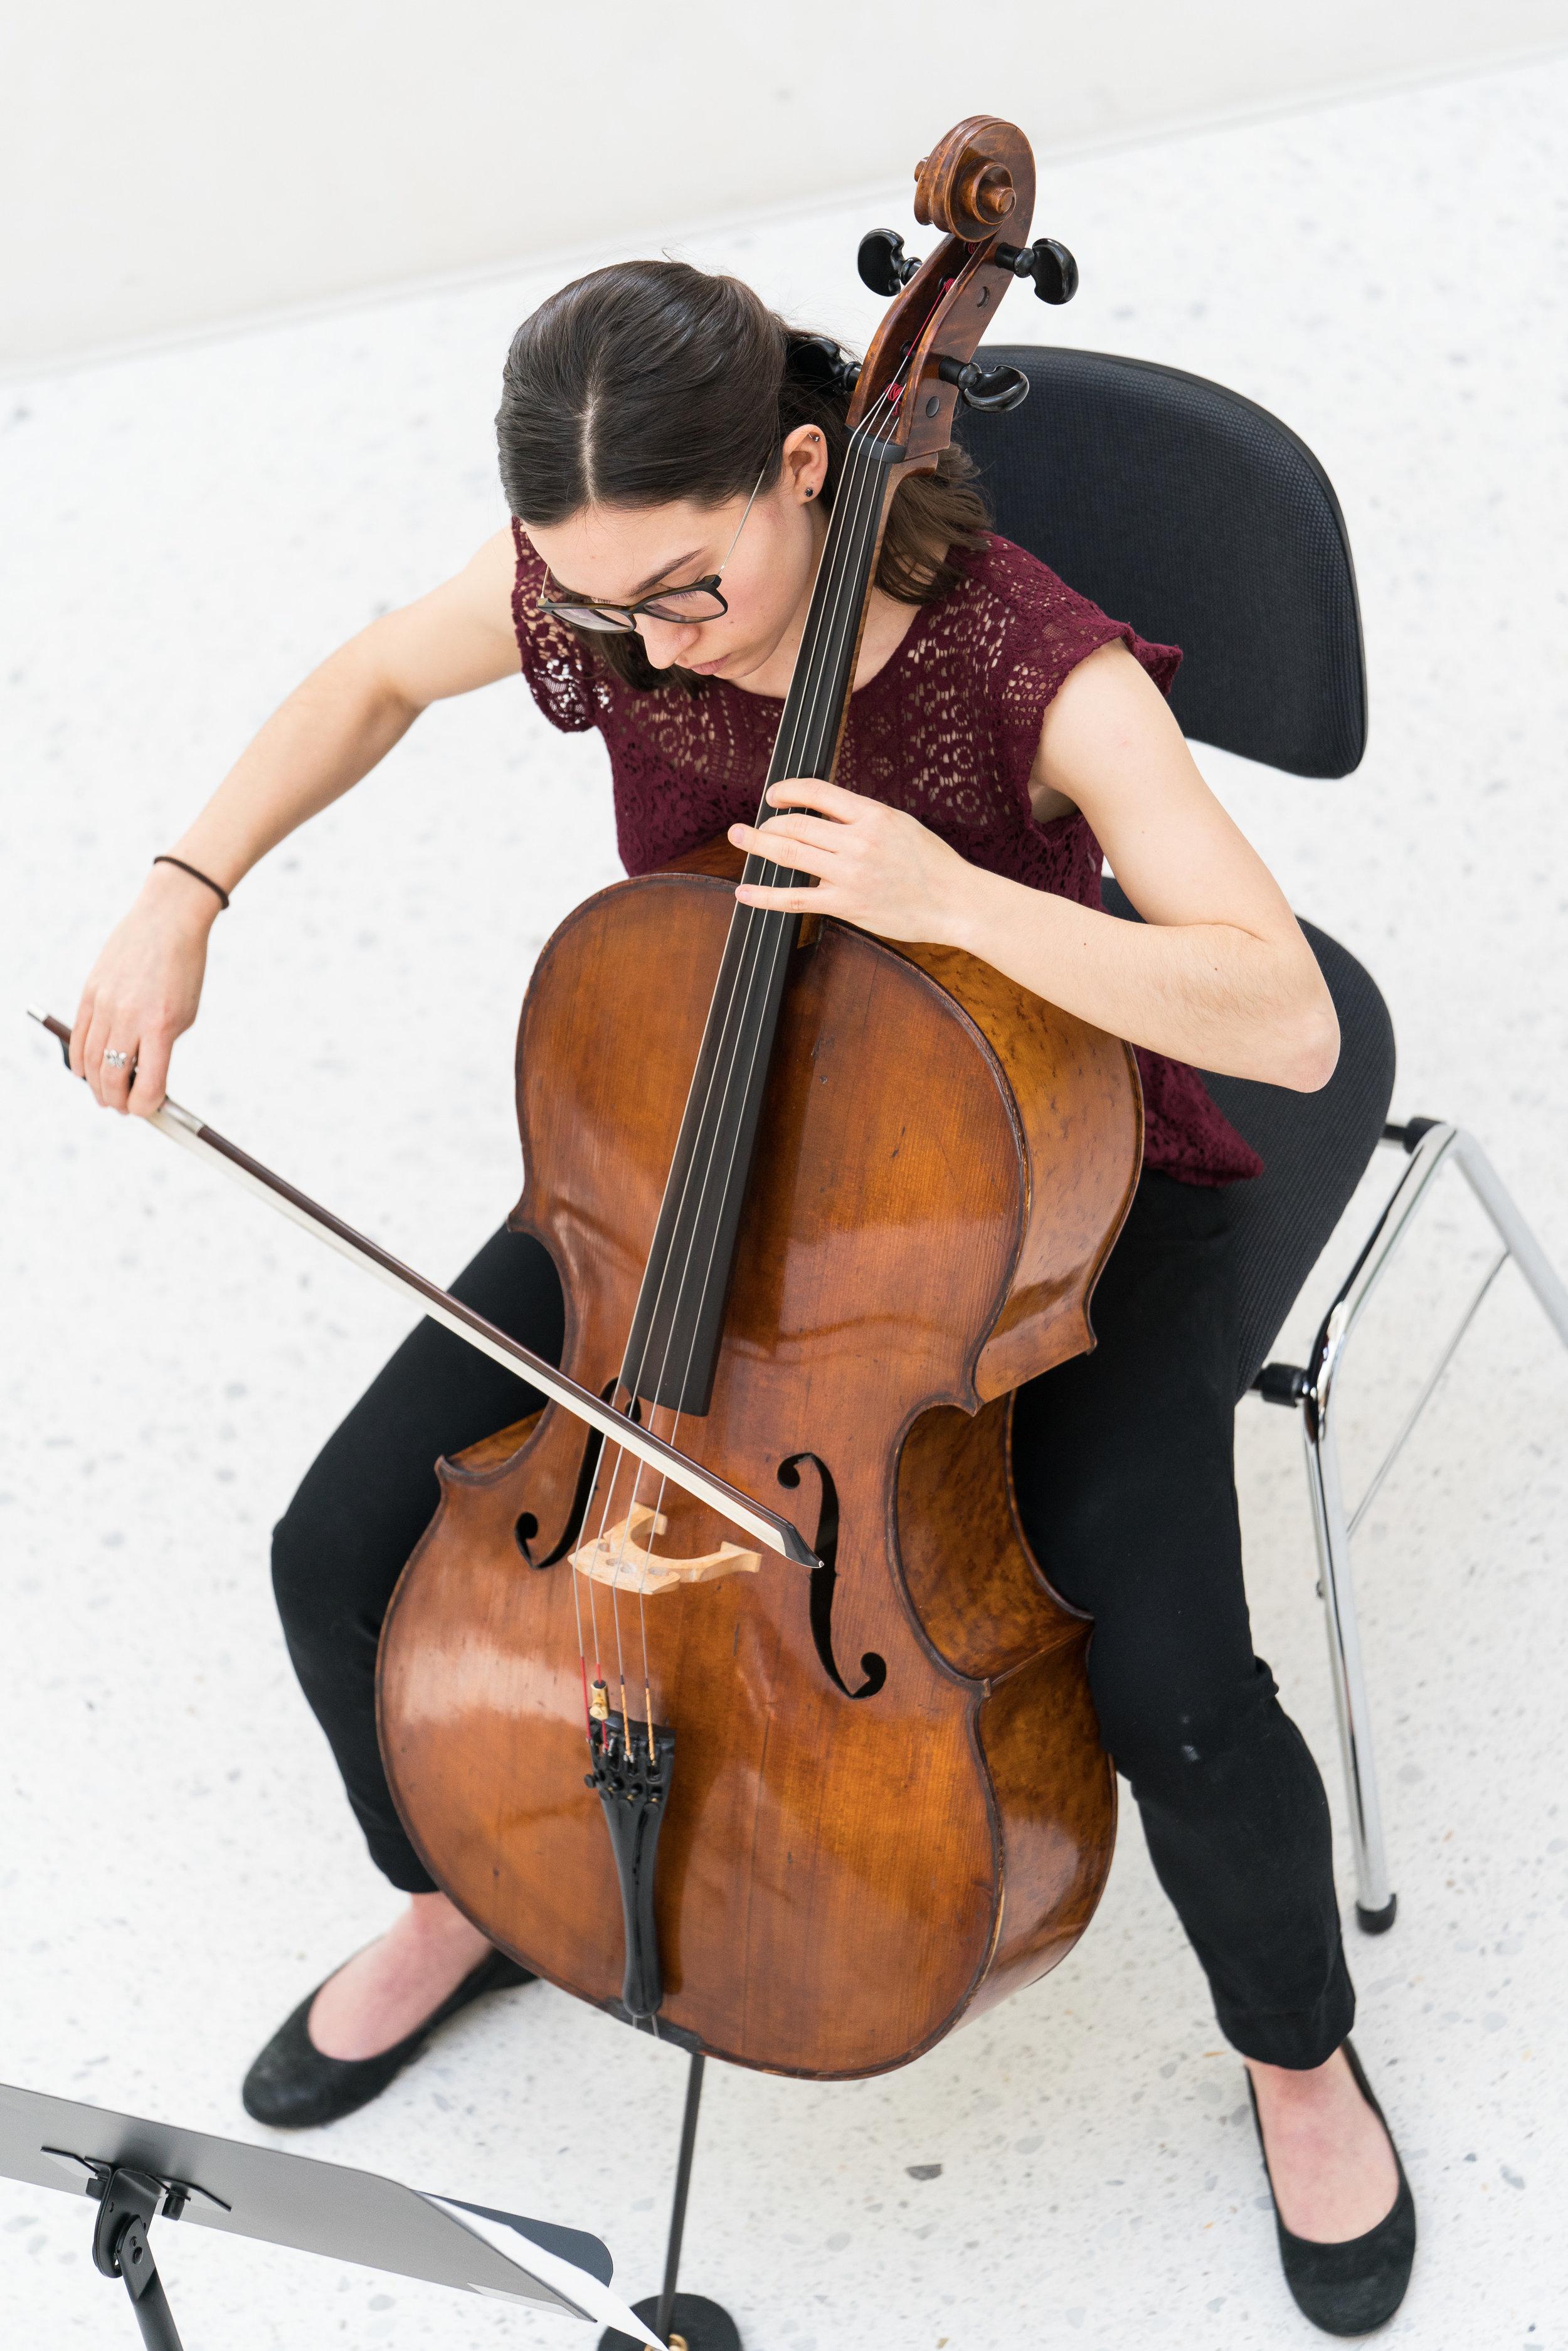 Konzert am Mittag - Cello20180206_022-036.jpg